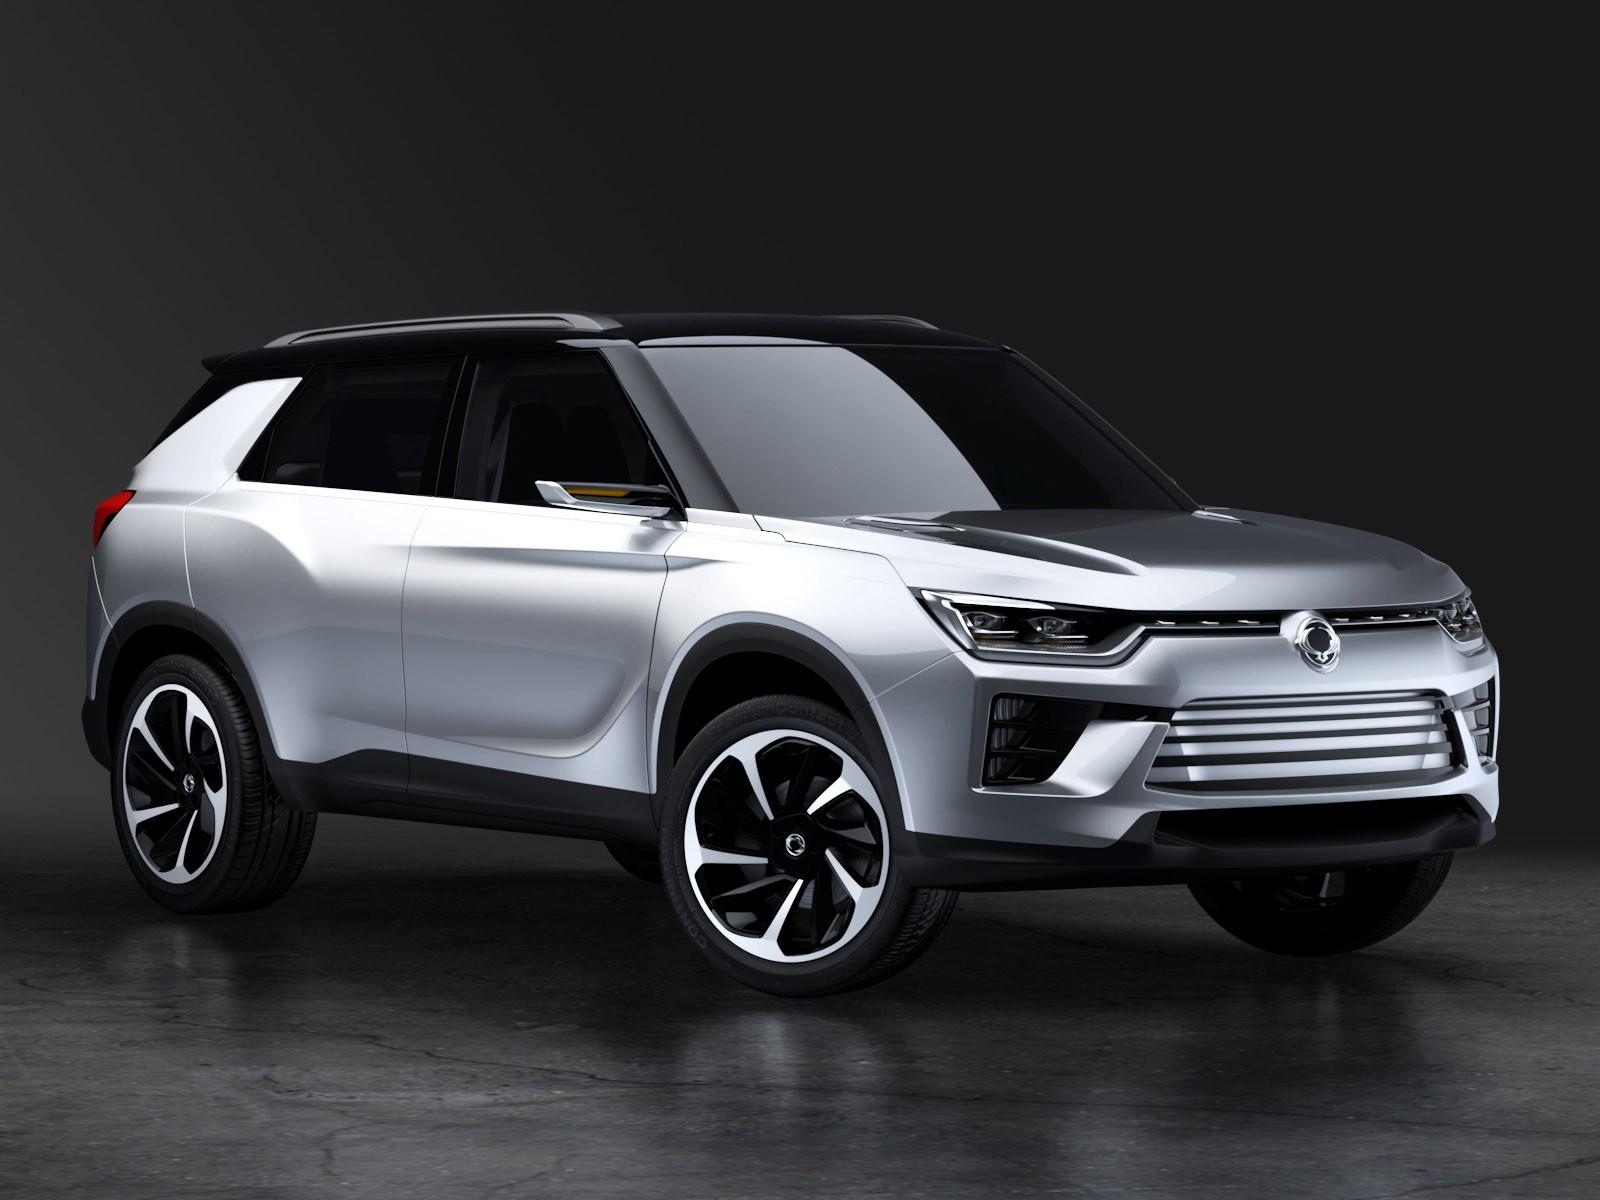 Ssangyong SIV-2 Hybride Concept Mild-Hybrid – Info,Photos et désignation